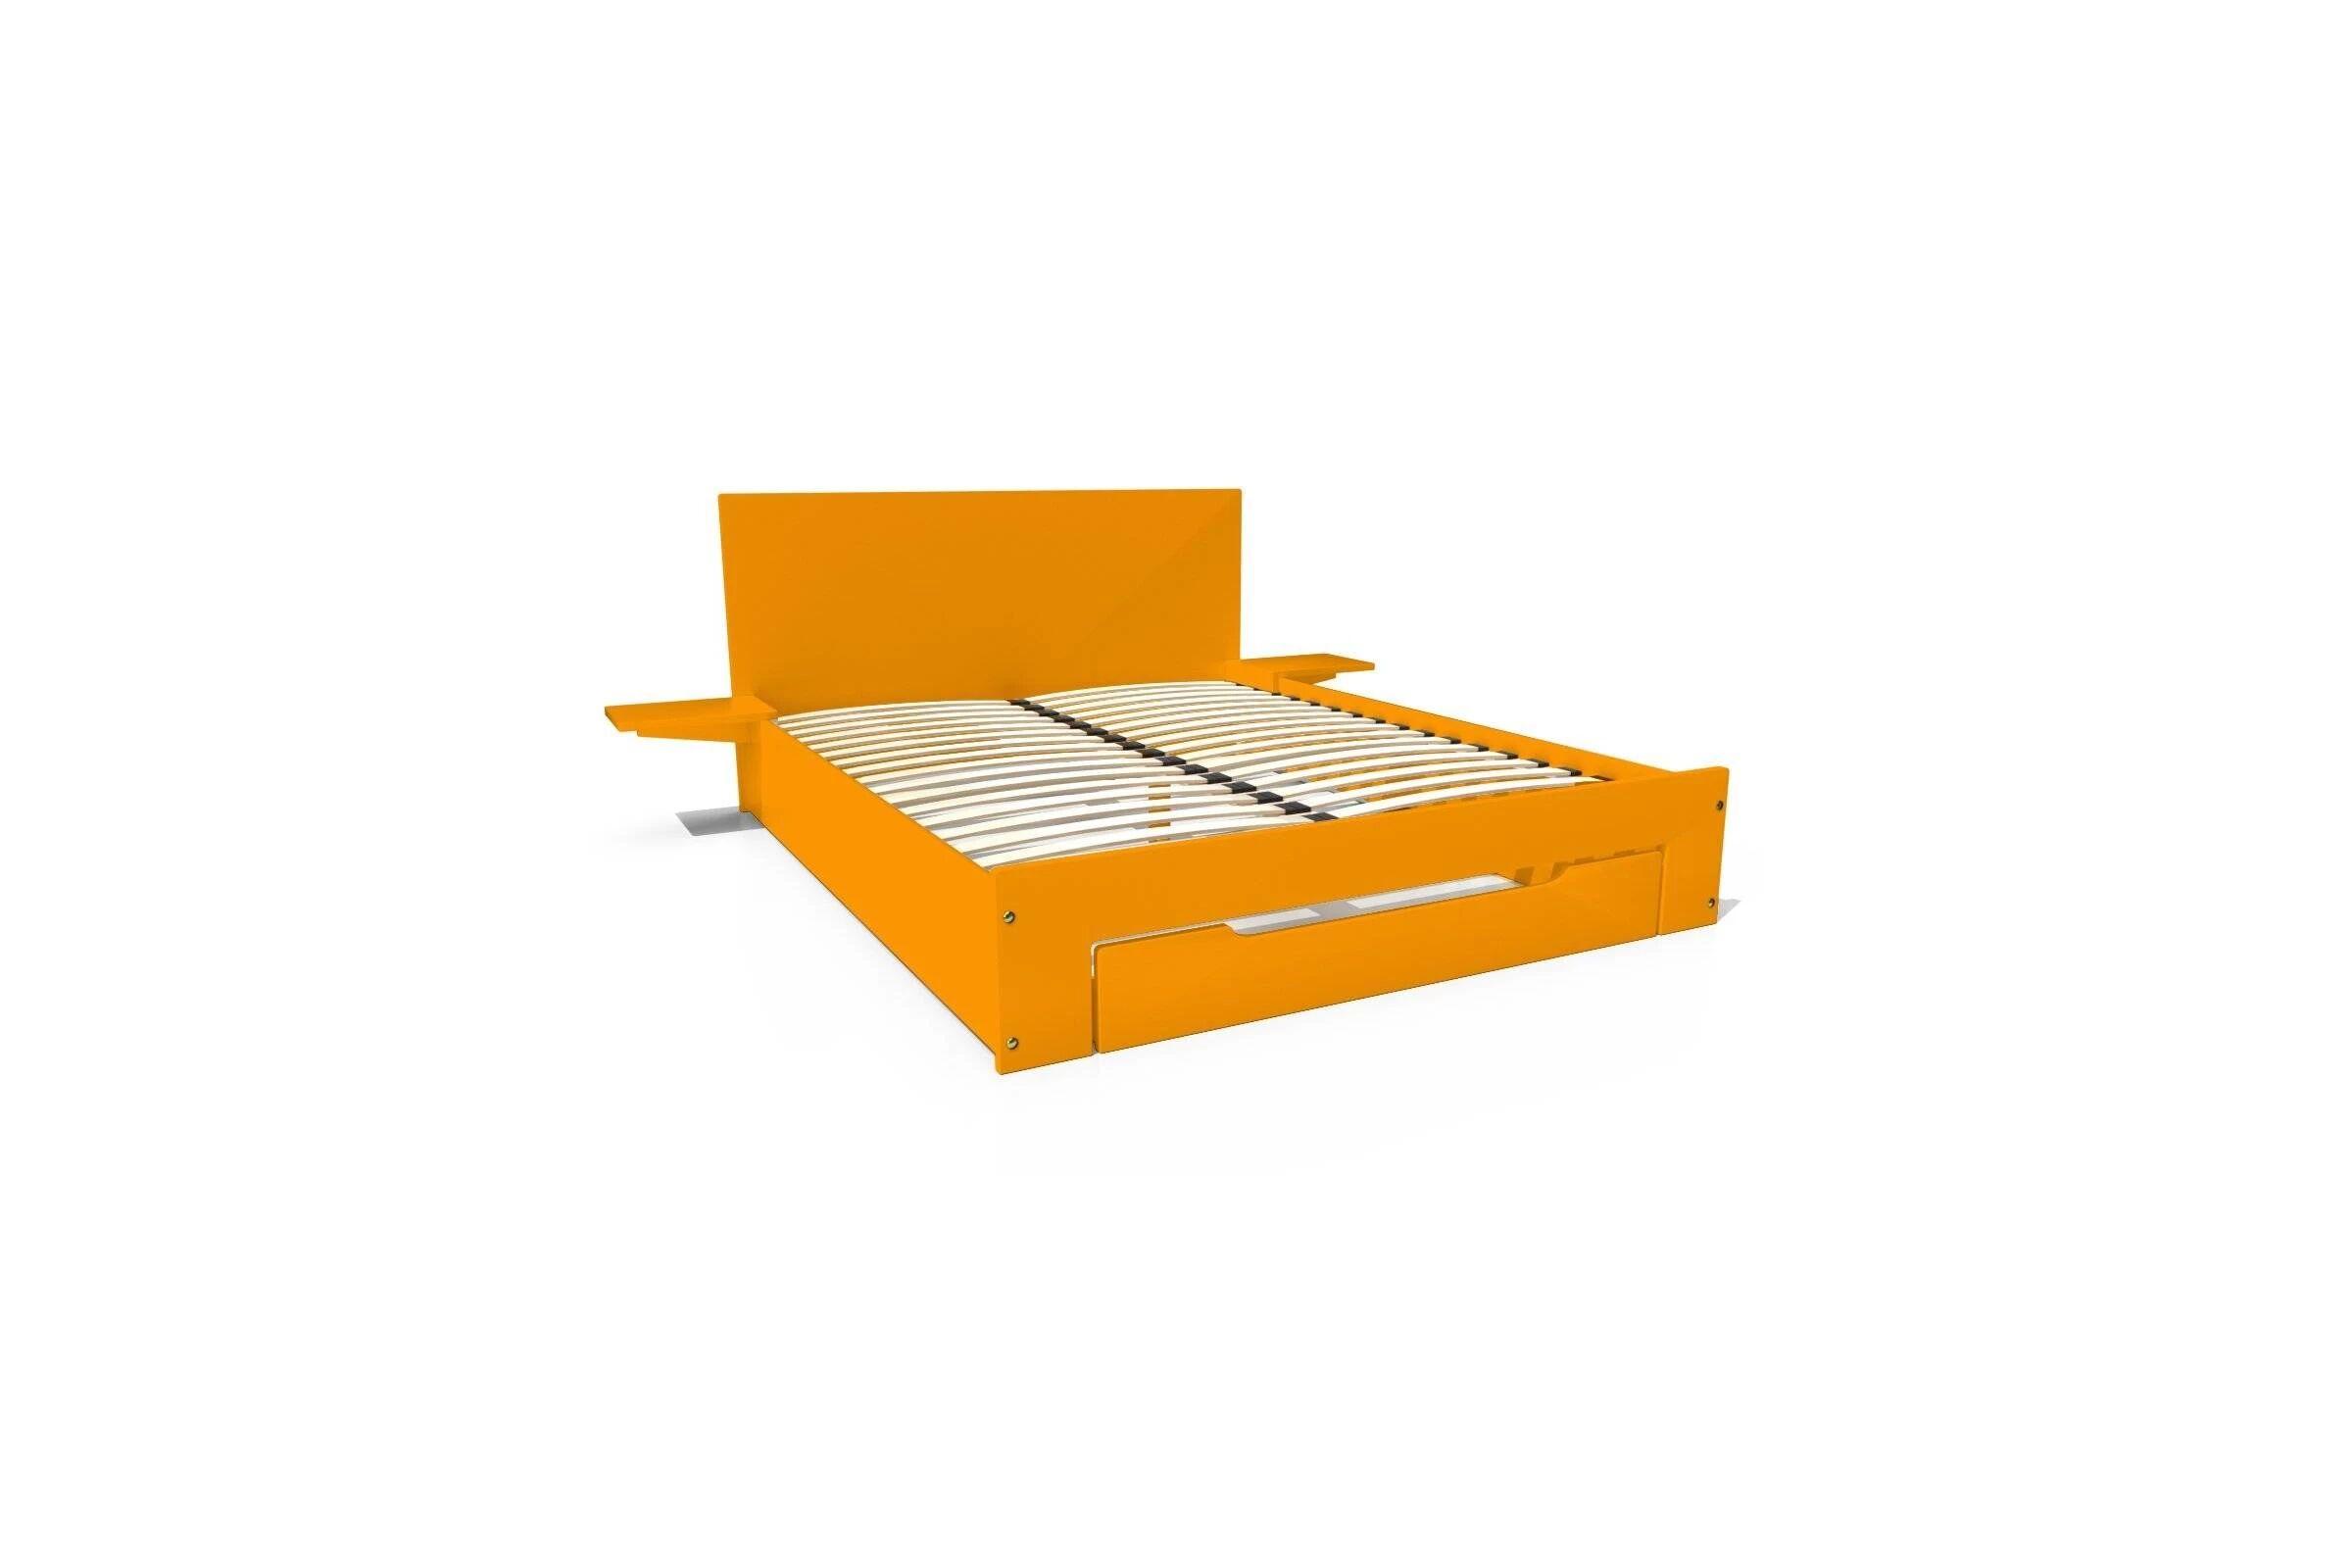 Abc meubles - lit happy + tiroirs + chevets amovibles - 2 places orange 140x200